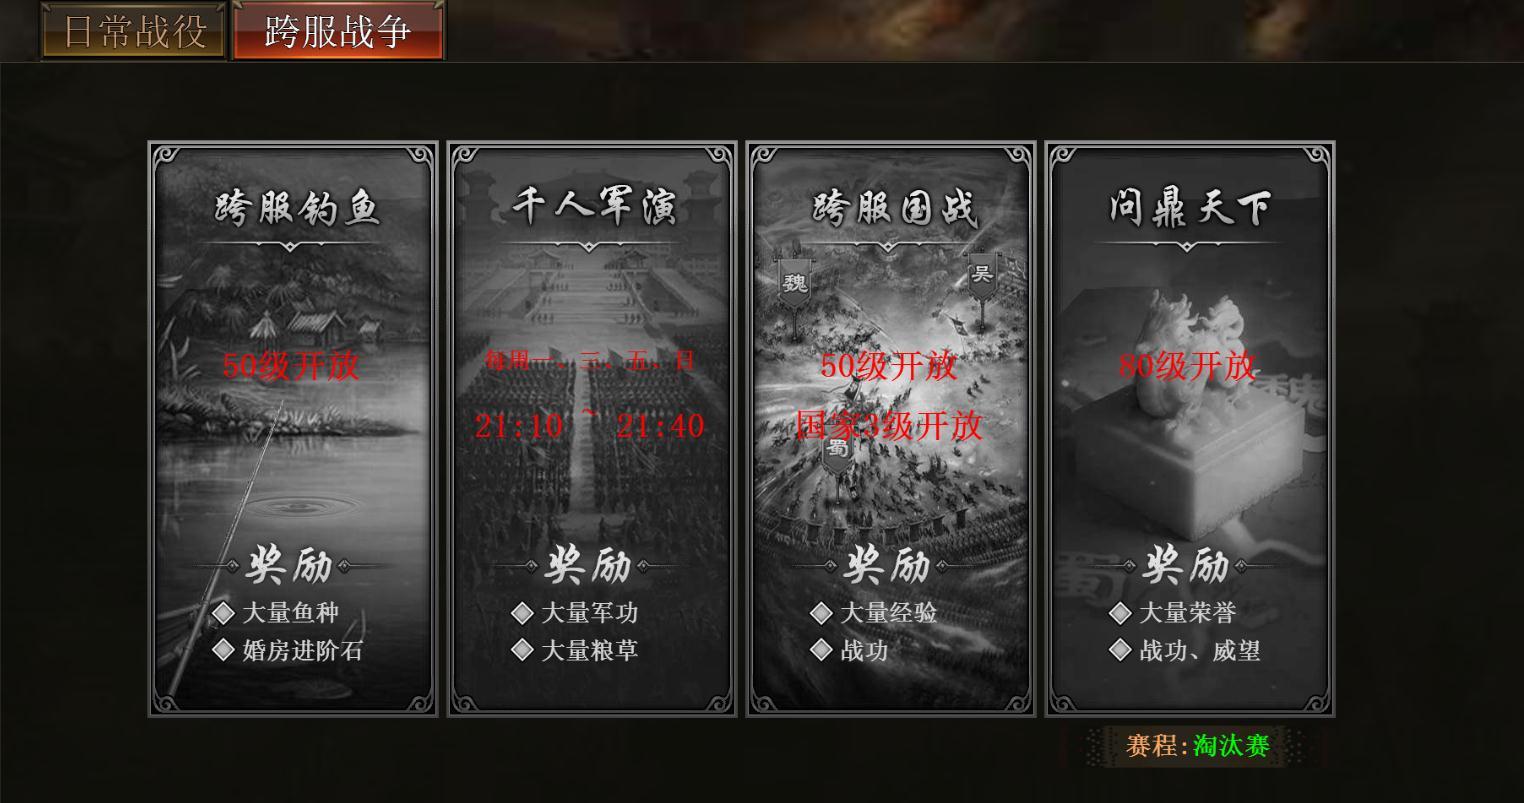 《大军师》专属礼包已开放领取_新闻_大军师手游_九游手机游戏